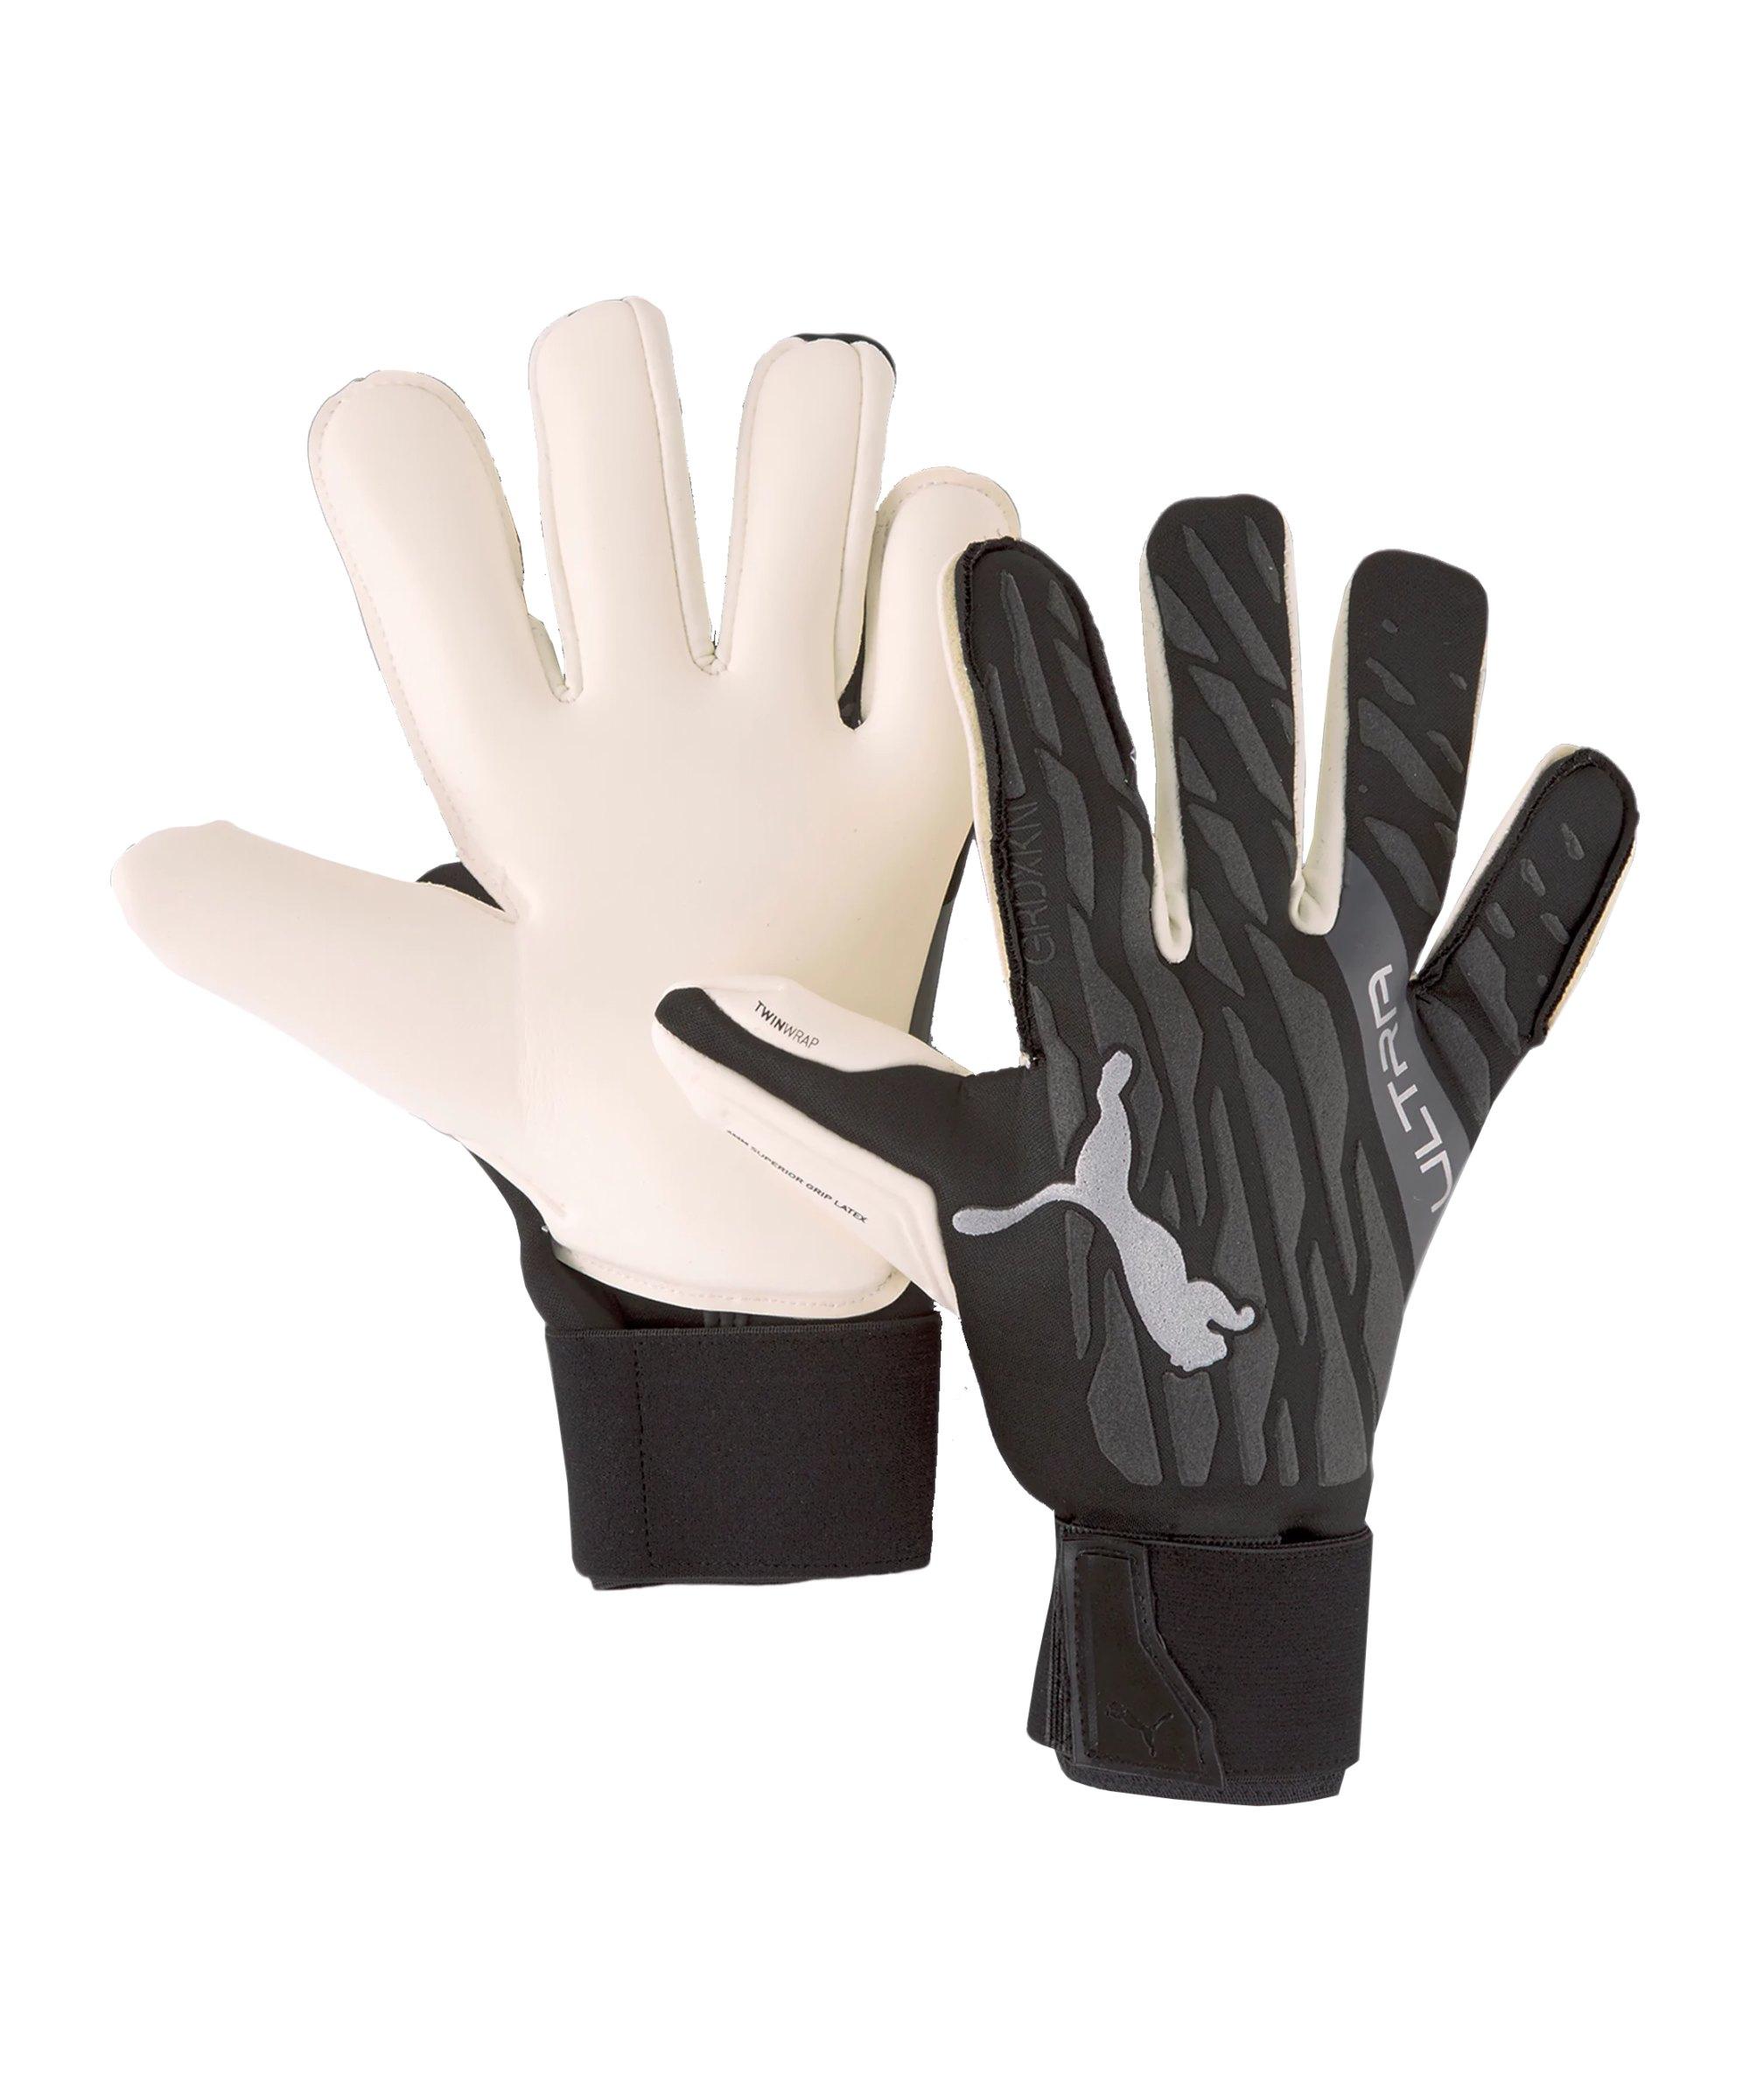 PUMA ULTRA Grip 1 Hyprid Pro TW-Handschuh F03 - schwarz